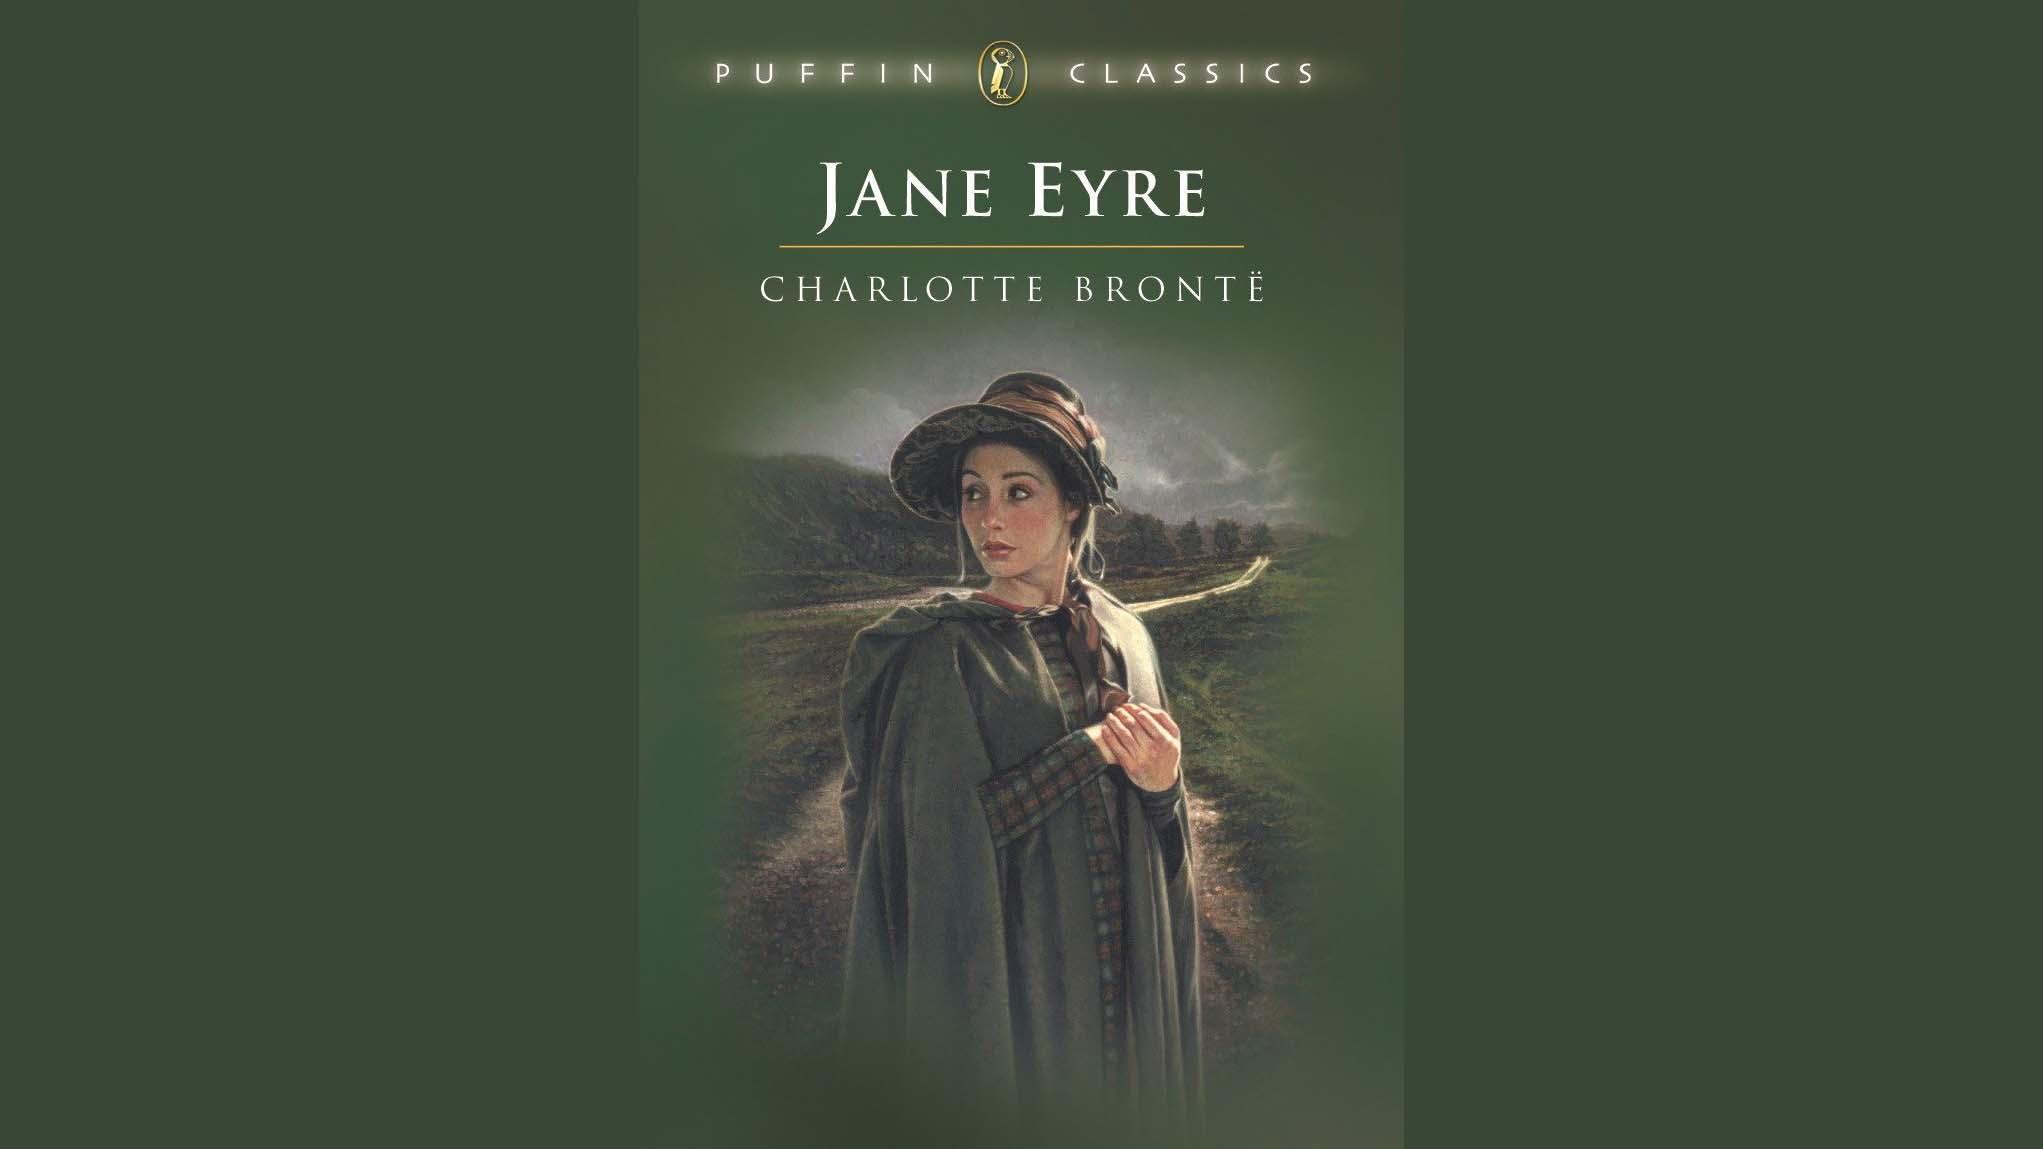 دانلود کتاب داستان انگلیسی جین ایر، اثرِ شارلوت برونته